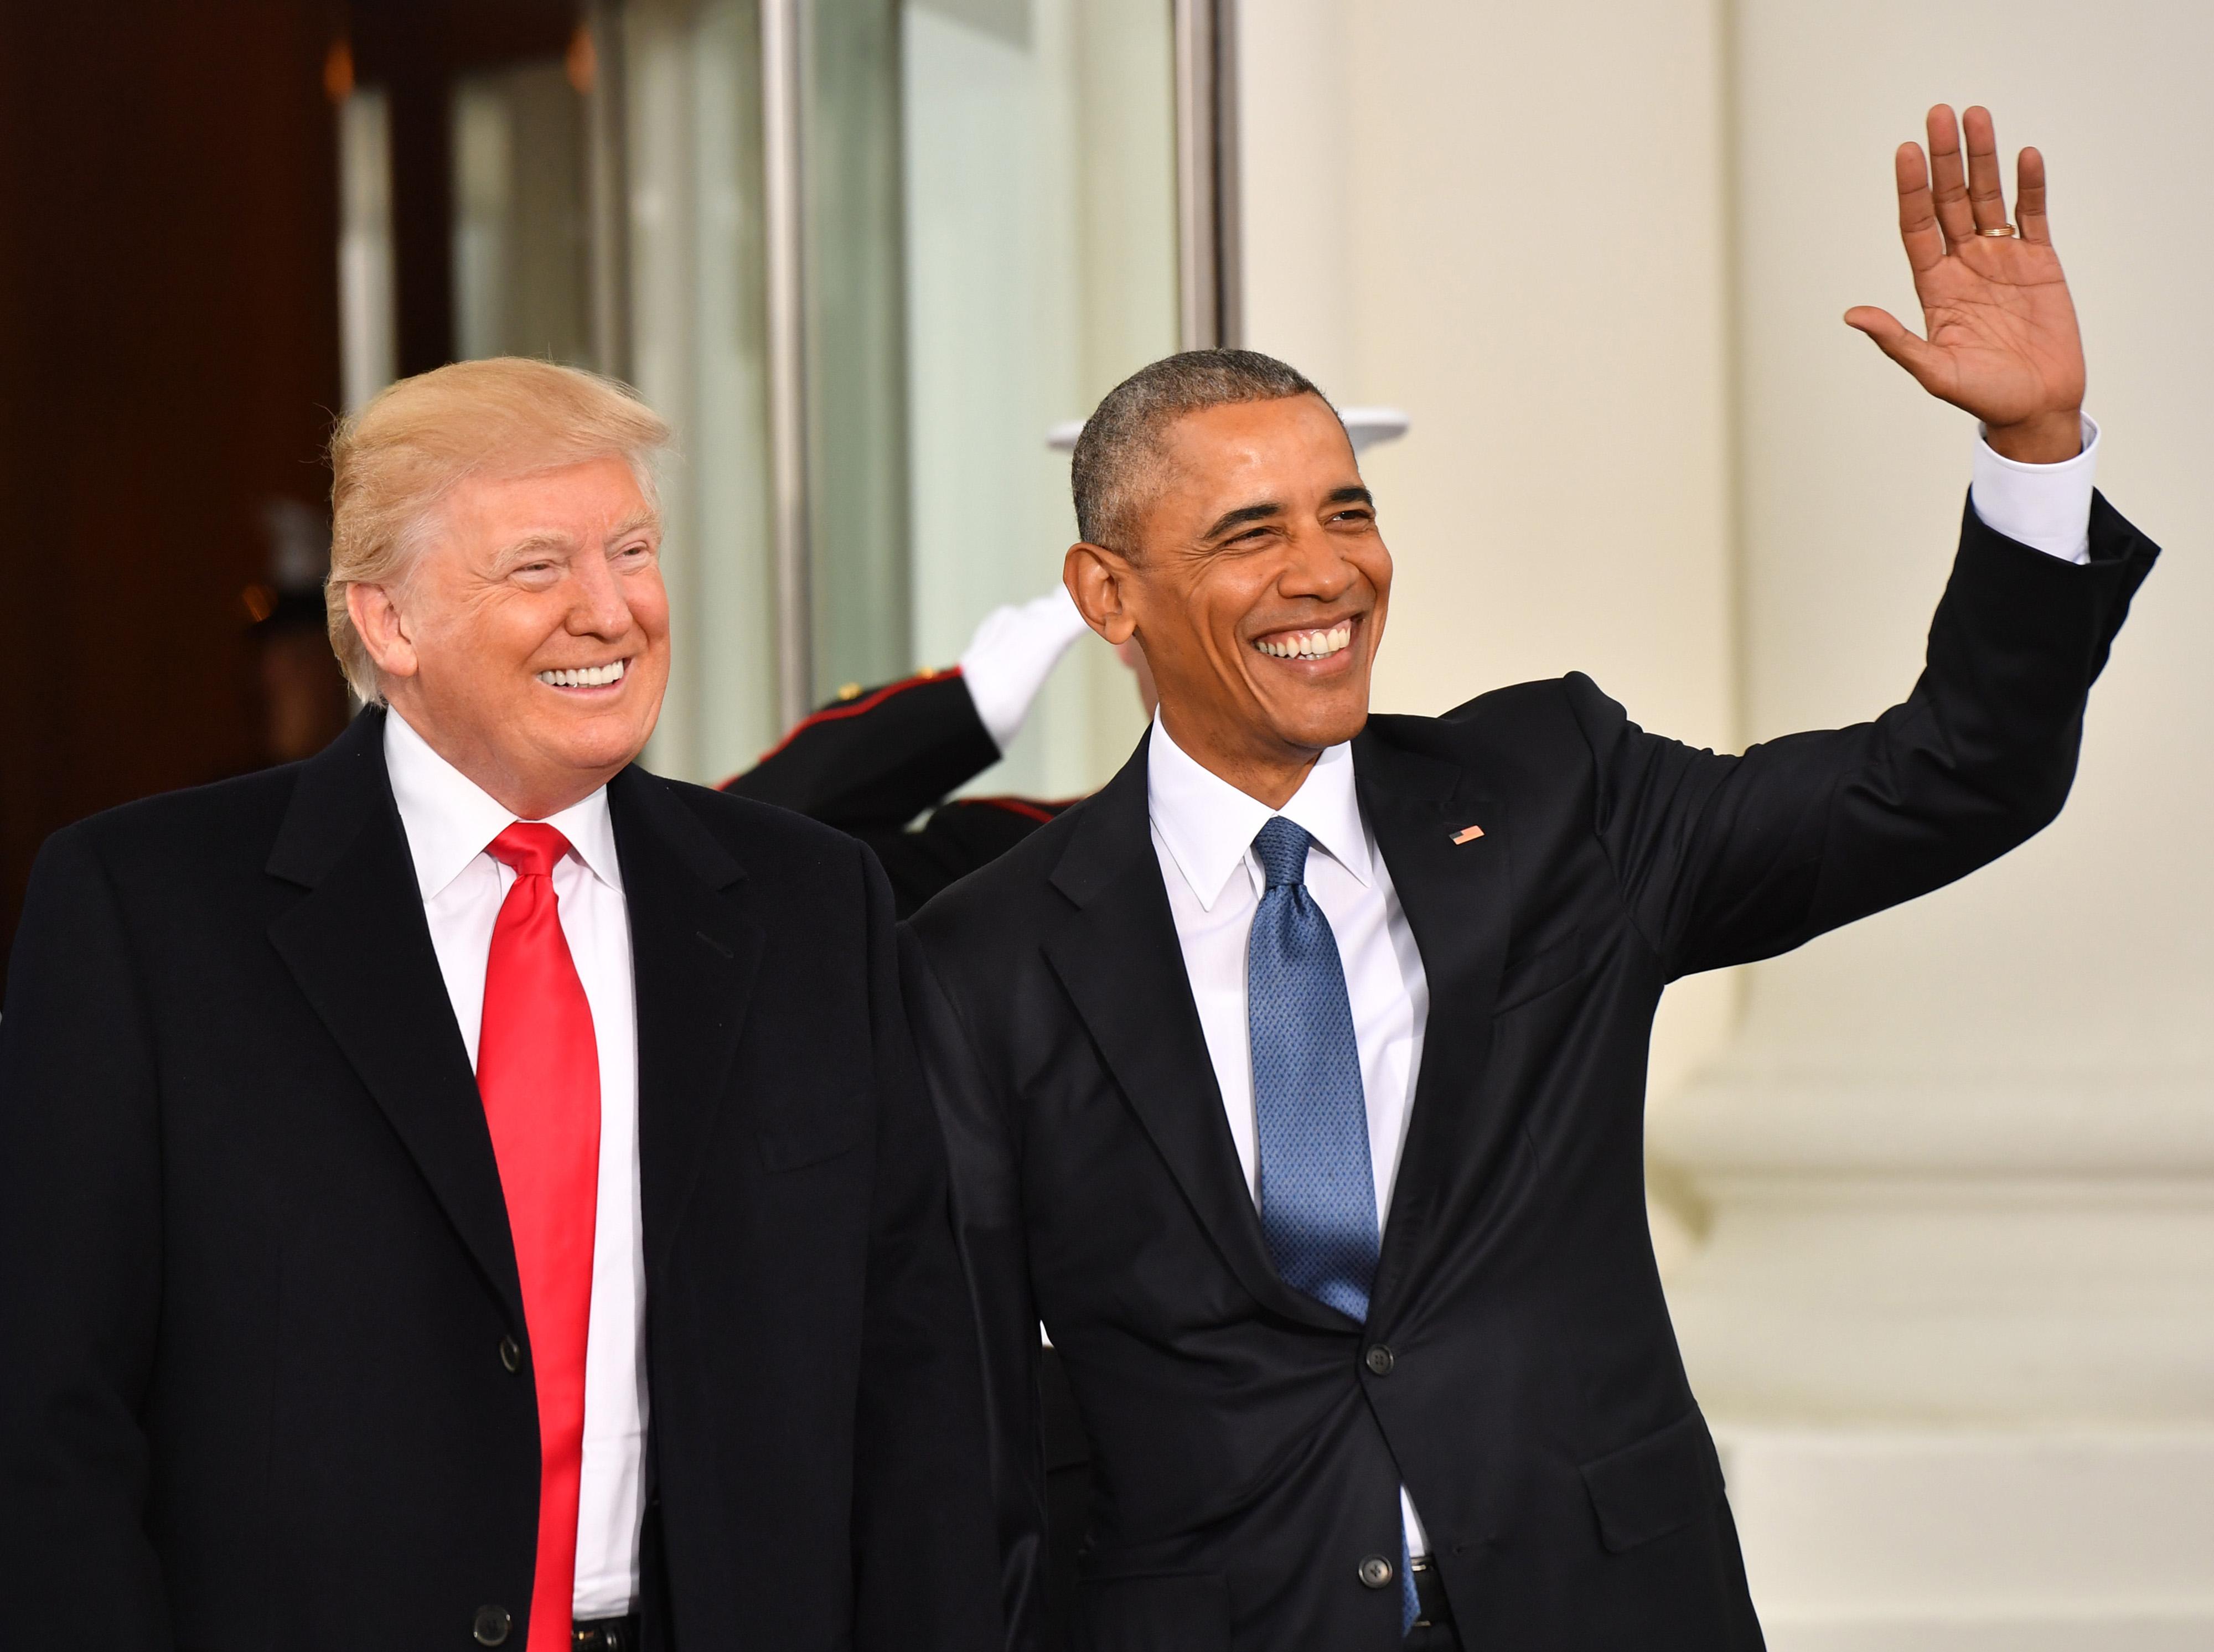 Trump e Obama em sorrisos.